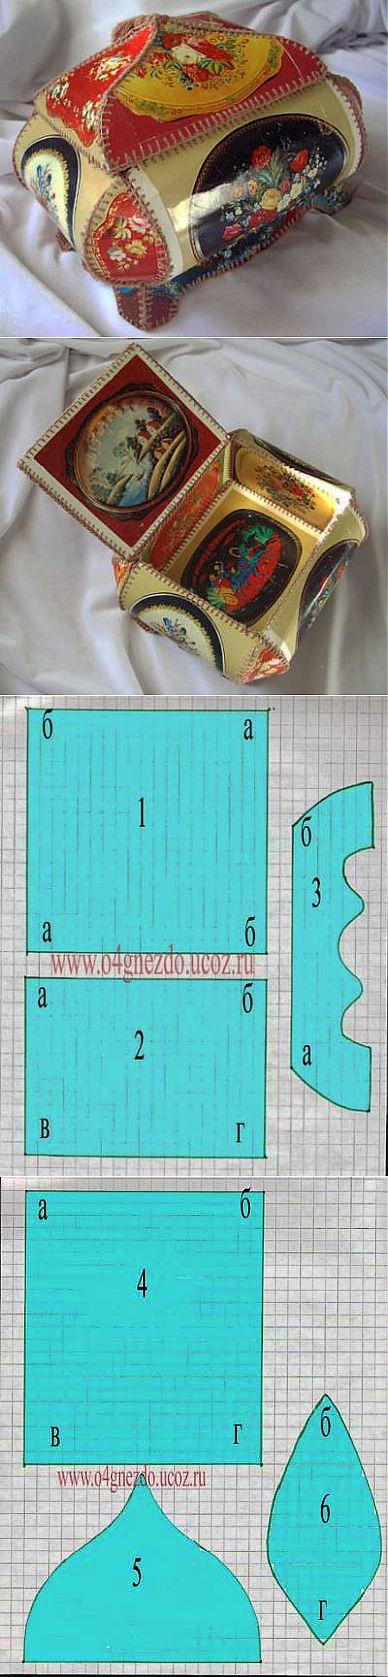 Надписью, схема как сделать шкатулку из открыток своими руками